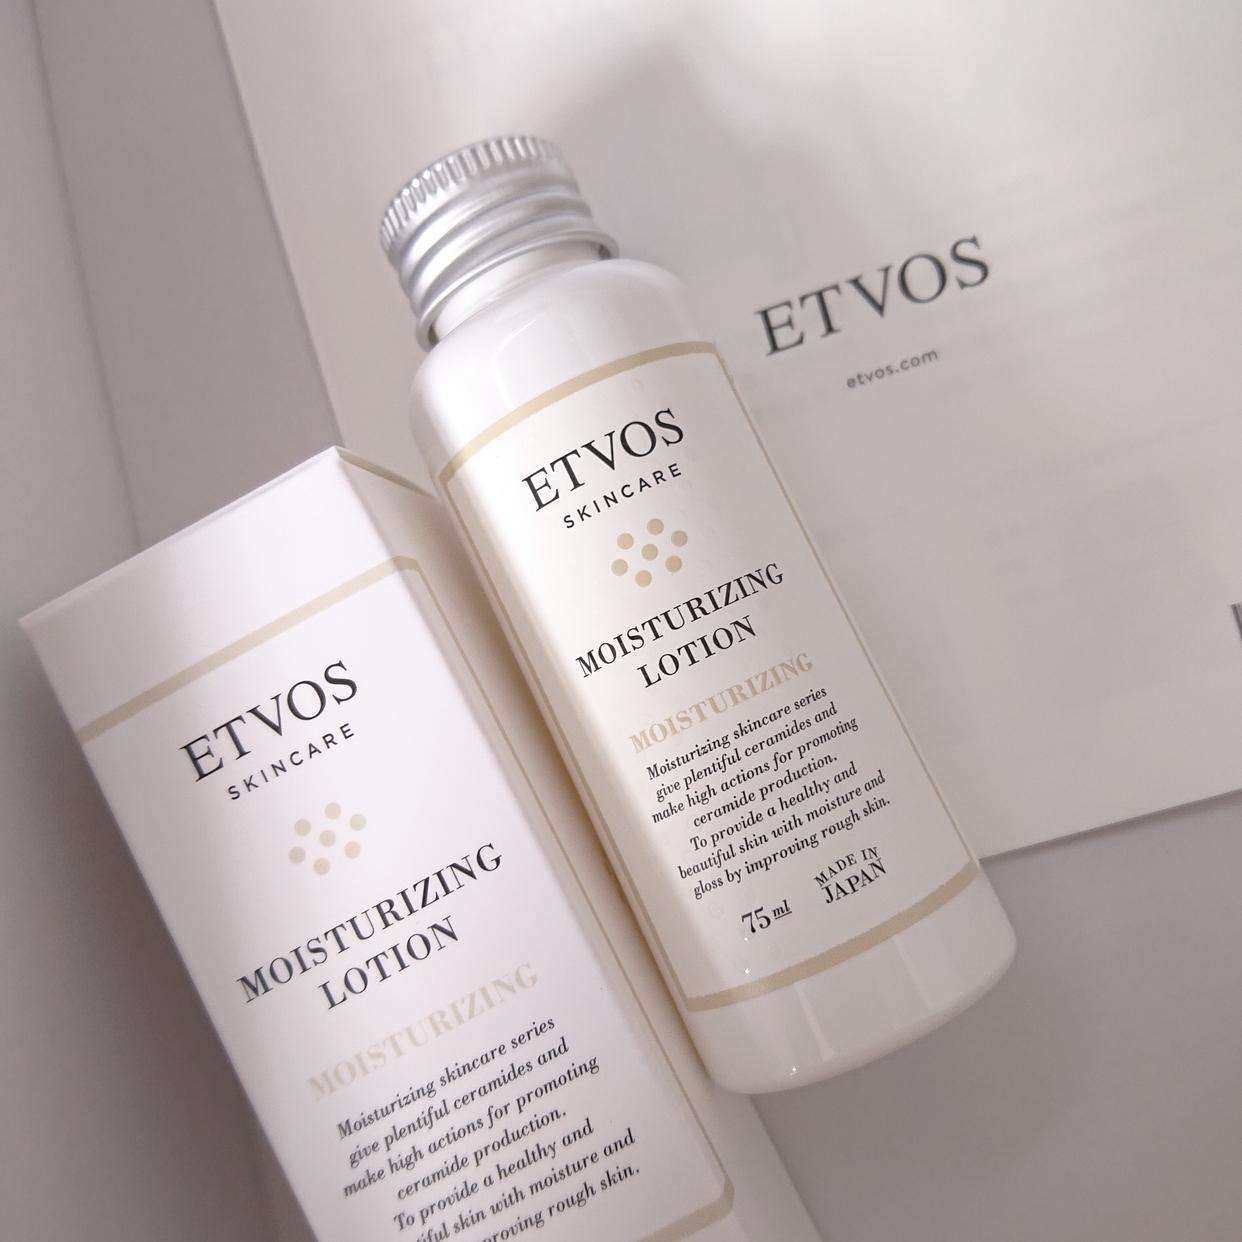 ETVOS(エトヴォス)モイスチャライジングローションを使ったはなさんのクチコミ画像